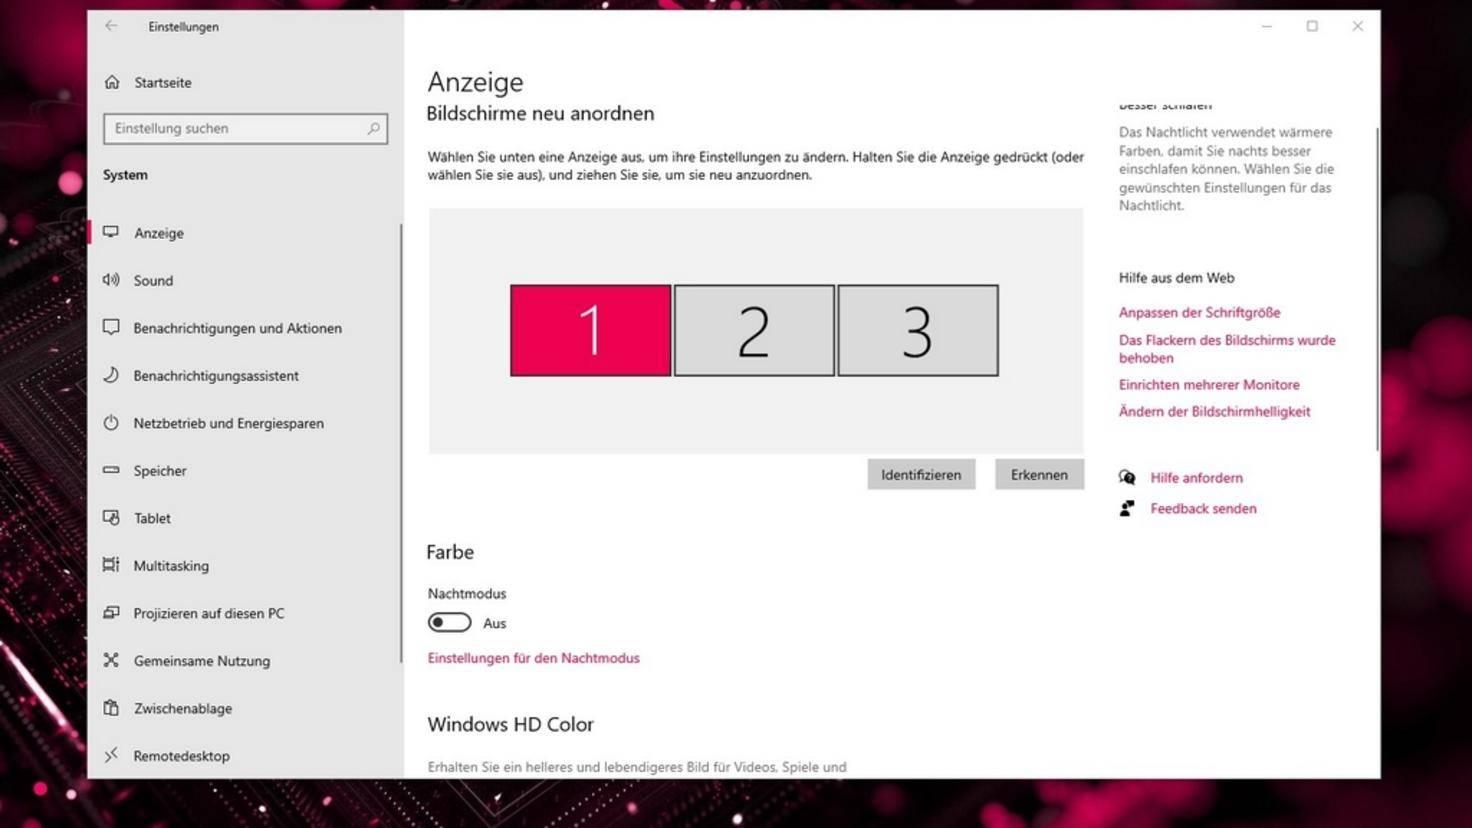 Windows_Anzeige-01